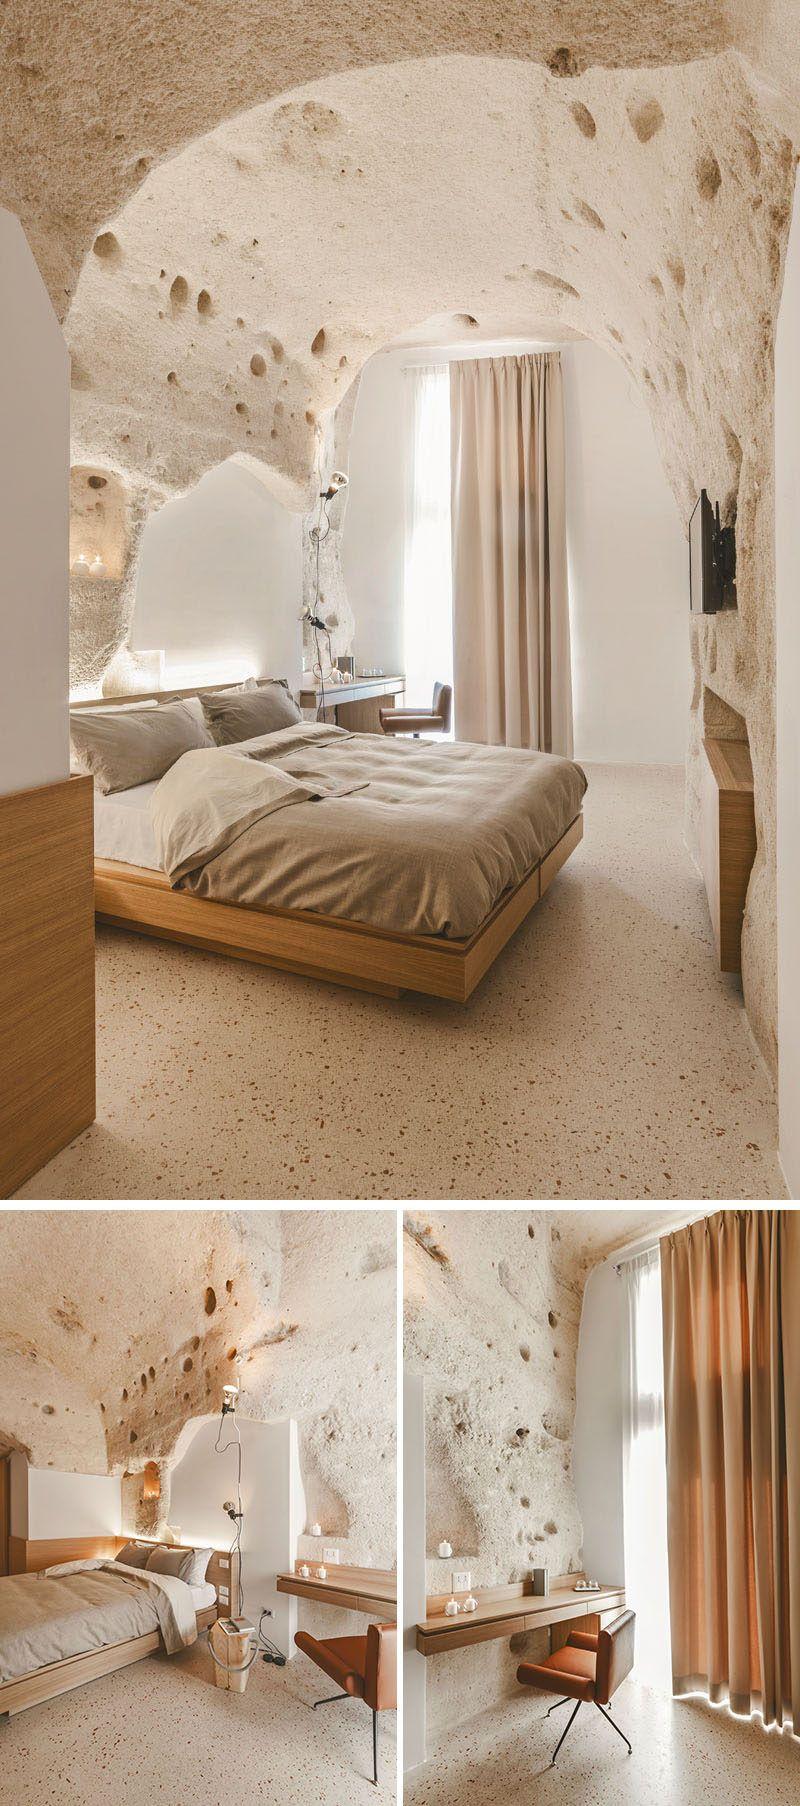 dimora bedroom set%0A La Dimora di Metello  a hotel in Matera  Italy  combines historic cave